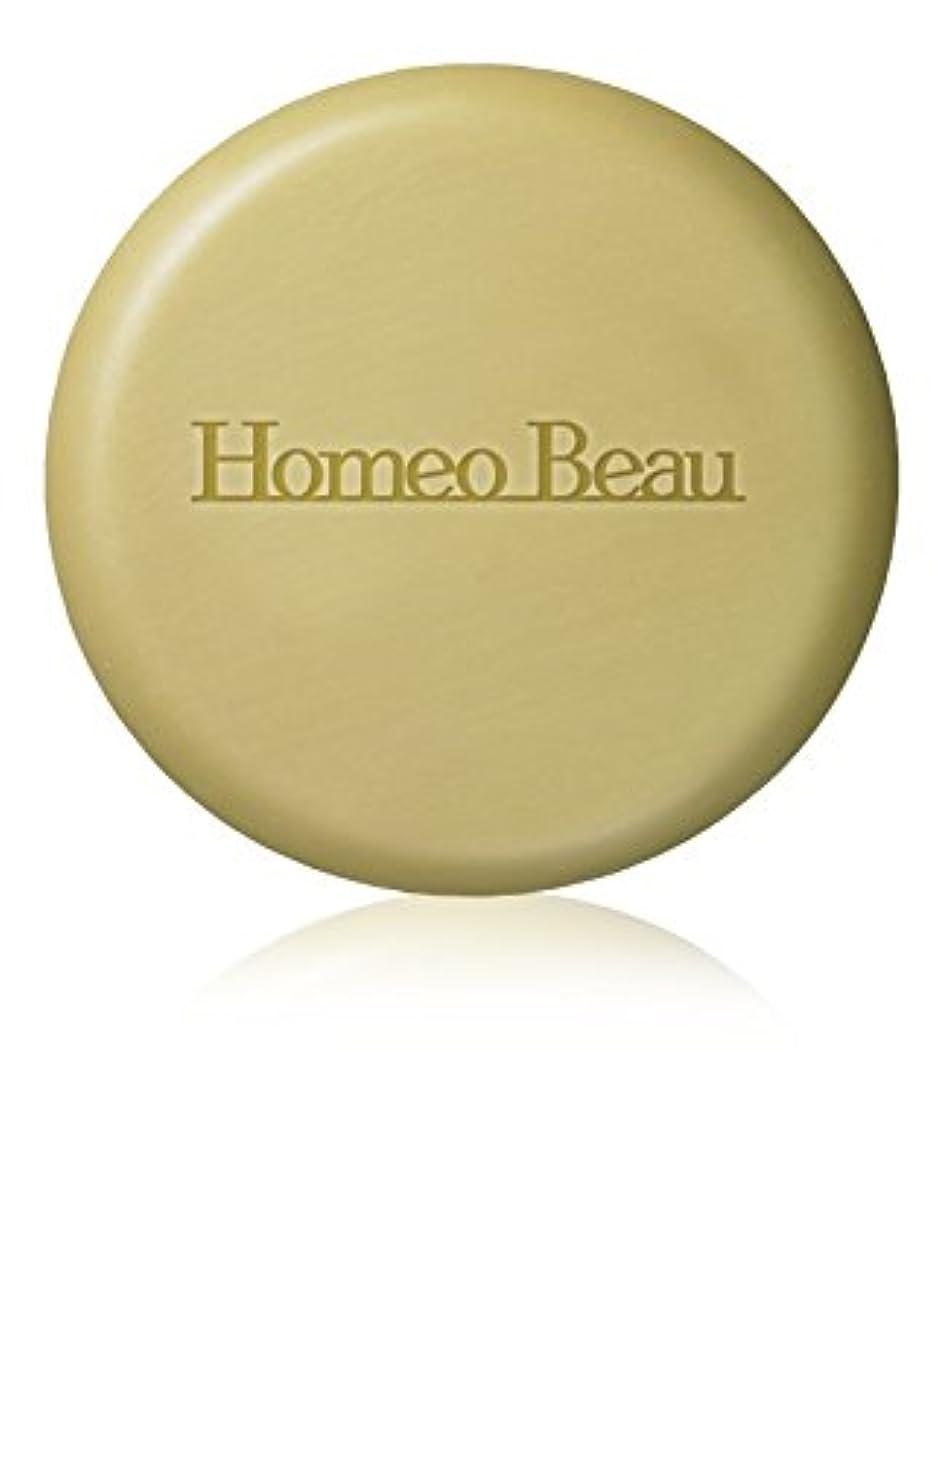 対抗借りる校長ホメオバウ(Homeo Beau) エッセンシャルソープ 100g